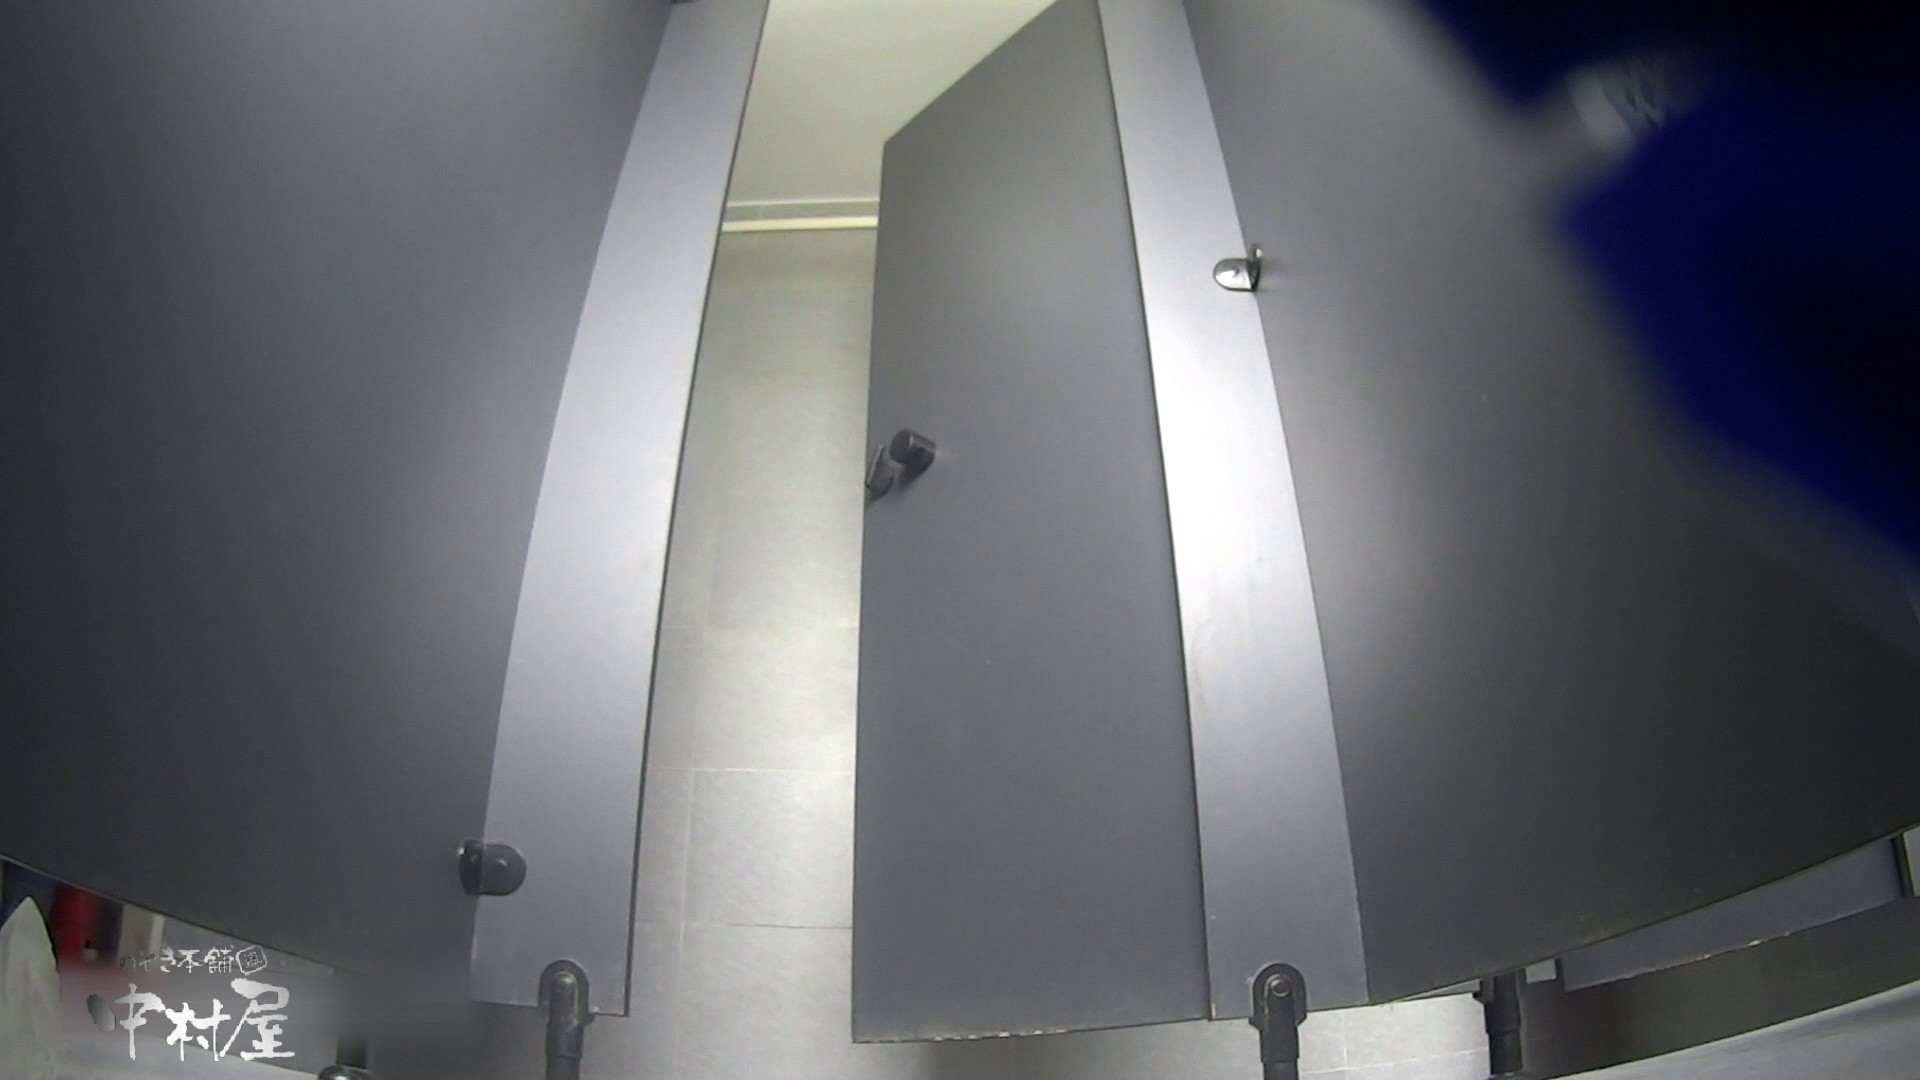 ツンデレお女市さんのトイレ事情 大学休憩時間の洗面所事情32 盗撮 | 洗面所  55pic 30